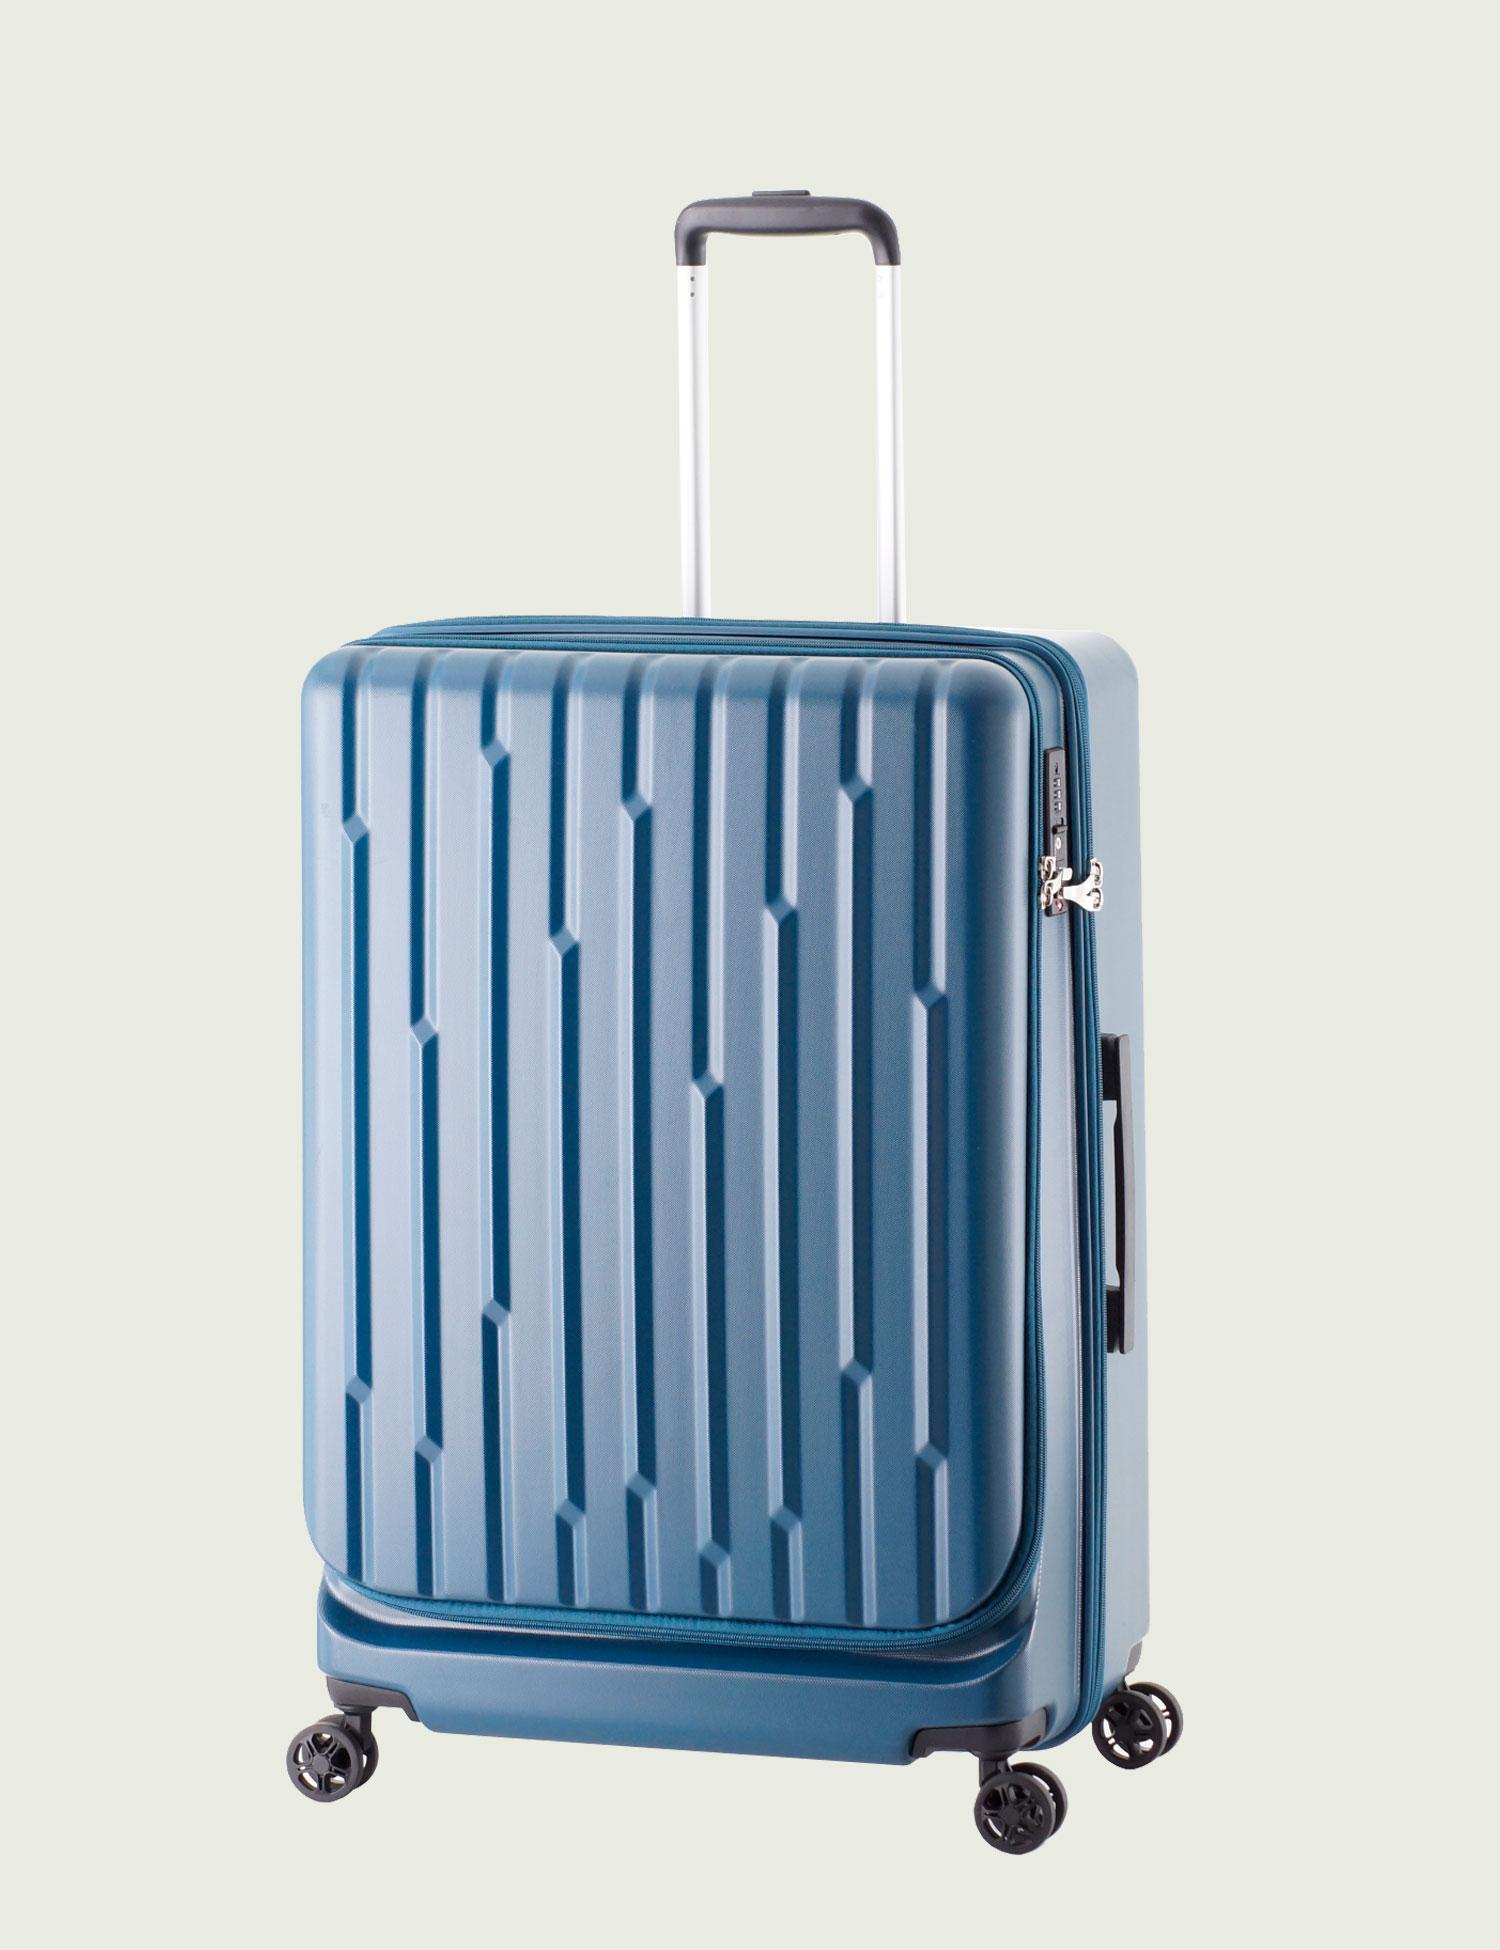 Gale ²ール 7 10泊用 Gale F28 92l ¢ジア éゲージ Ņ¬å¼ã'µã'¤ãƒˆ Asia Luggage